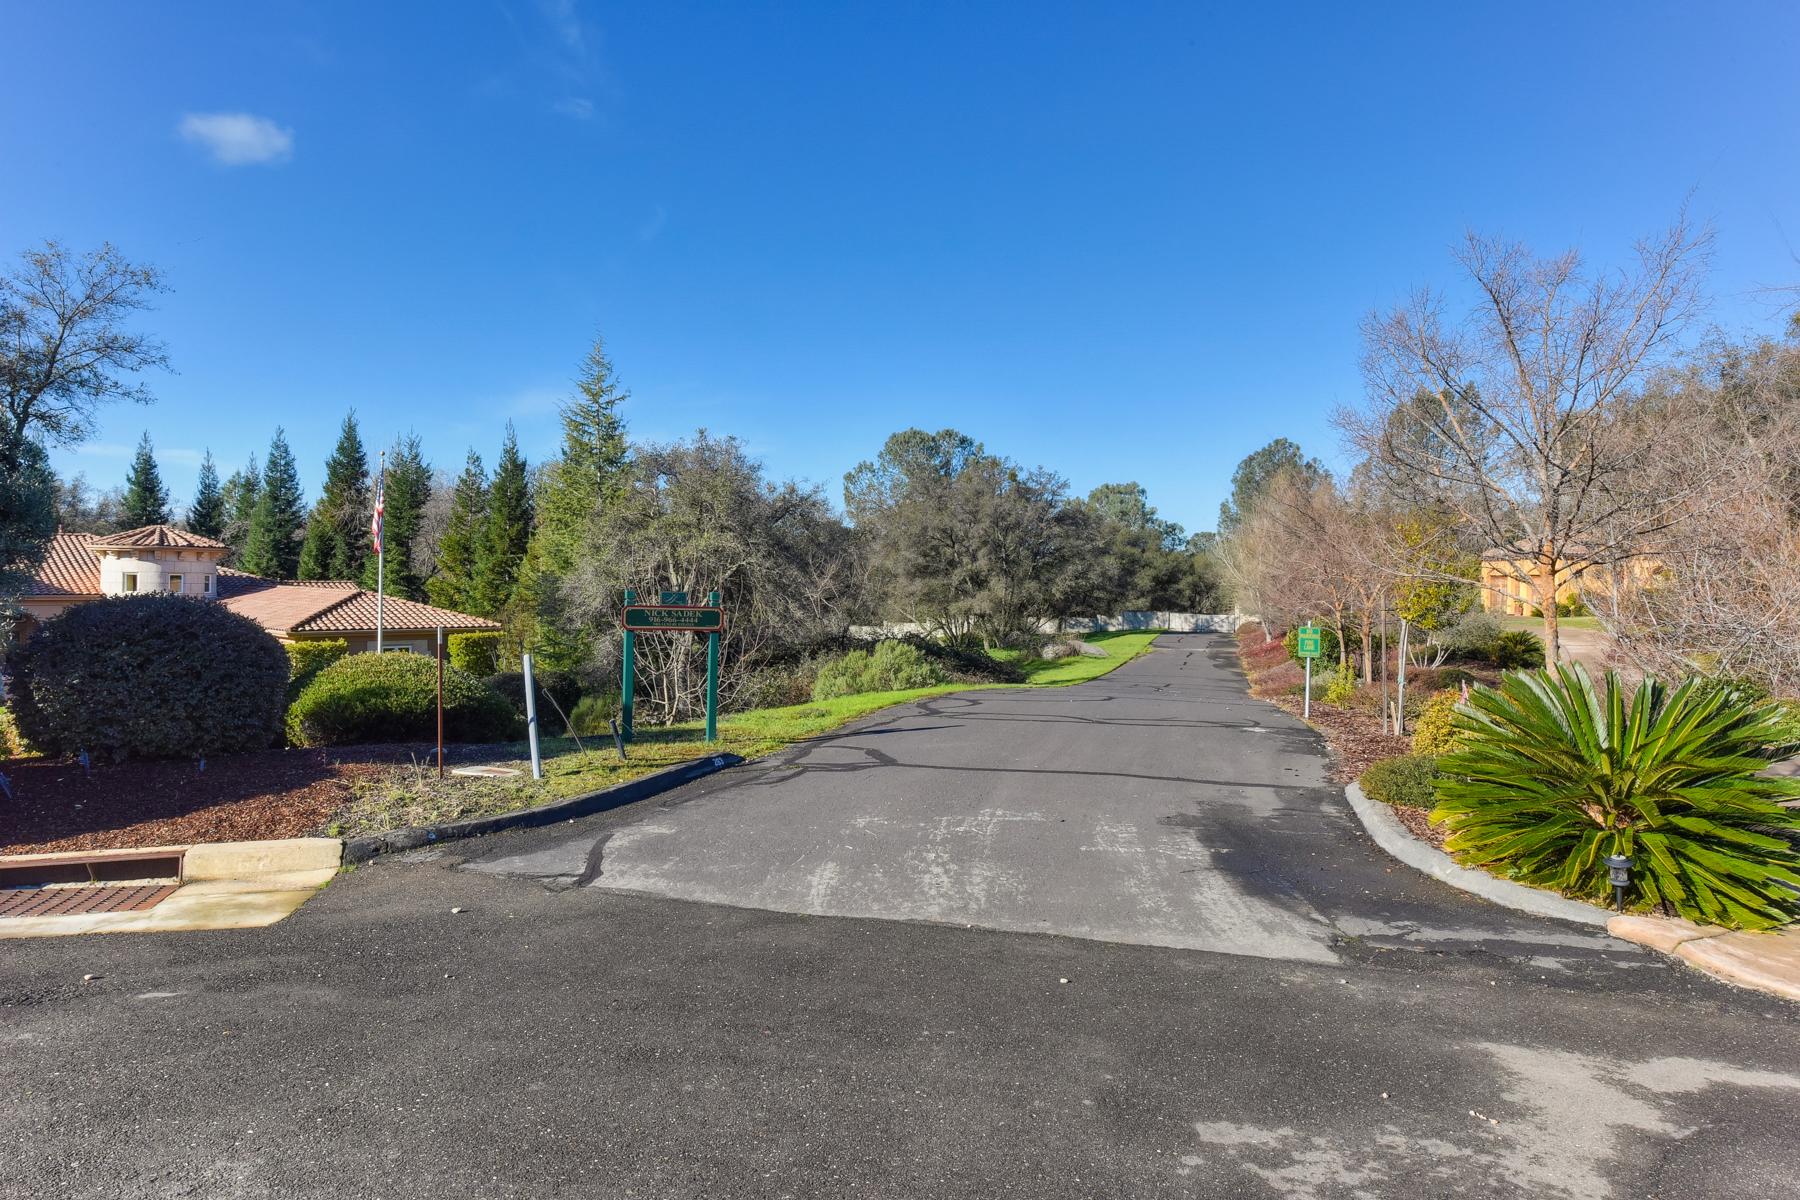 Земля для того Продажа на Camino Del Avion 9070 Camino Del Avion Granite Bay, Калифорния 95746 Соединенные Штаты